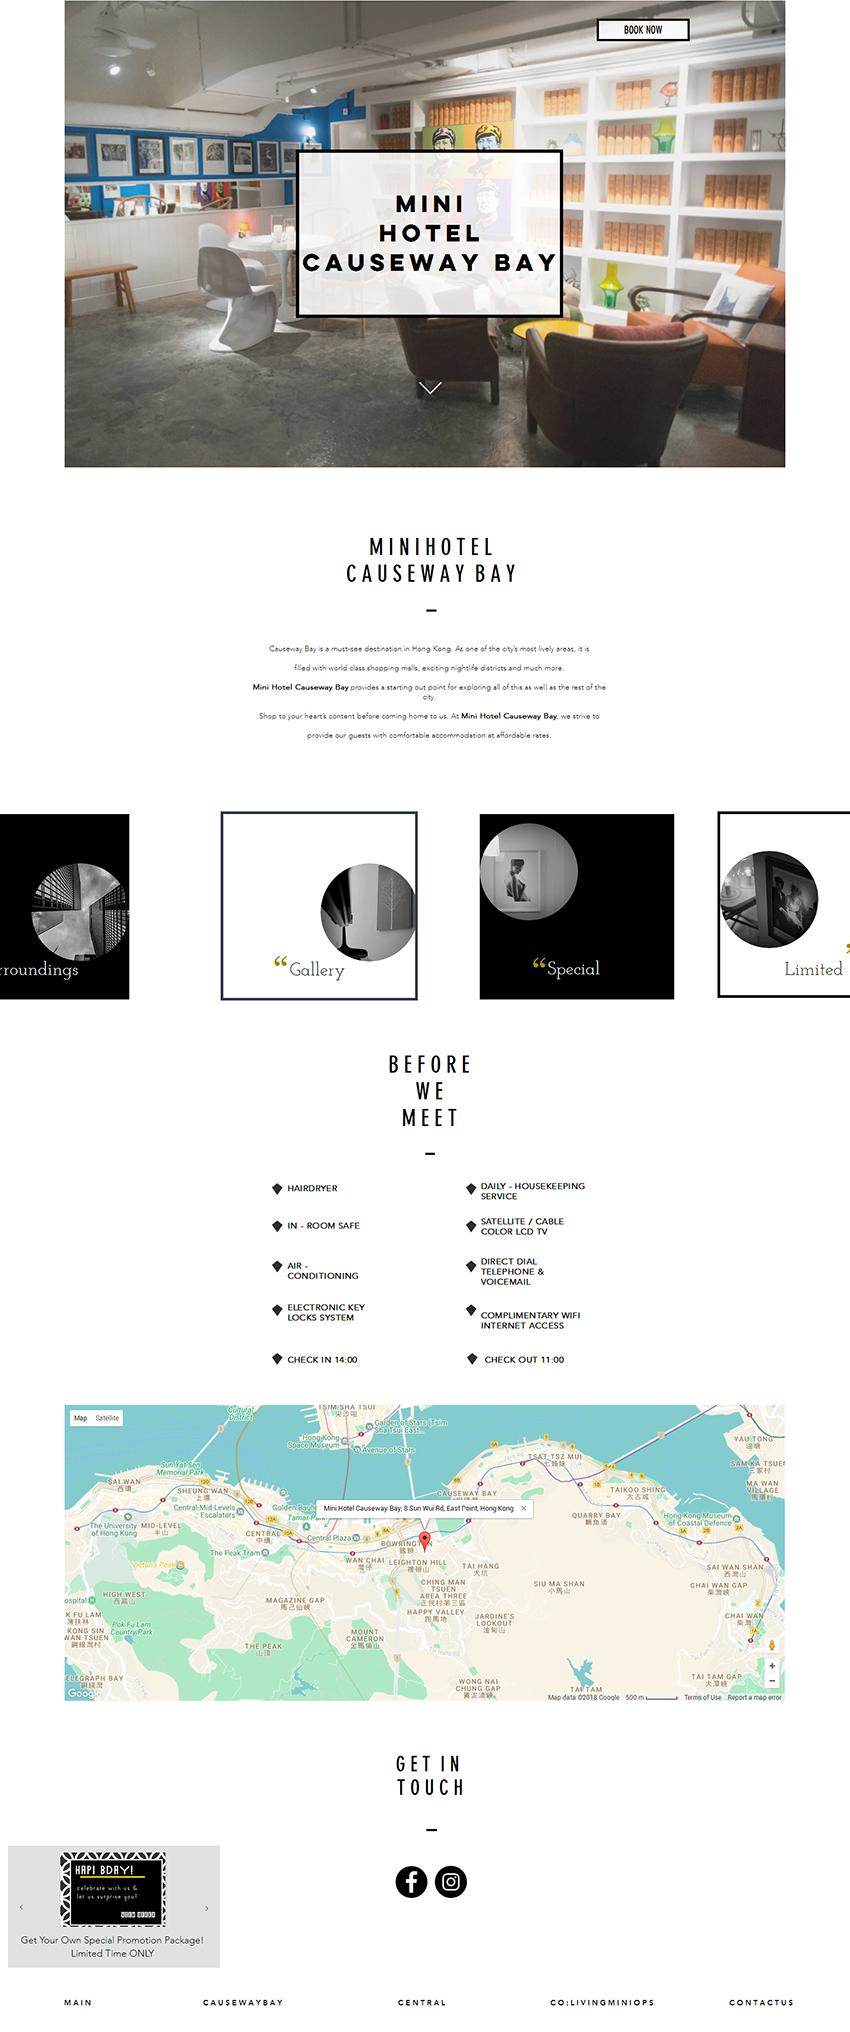 【案例分析】怎樣的網站才算成功的營銷型網站